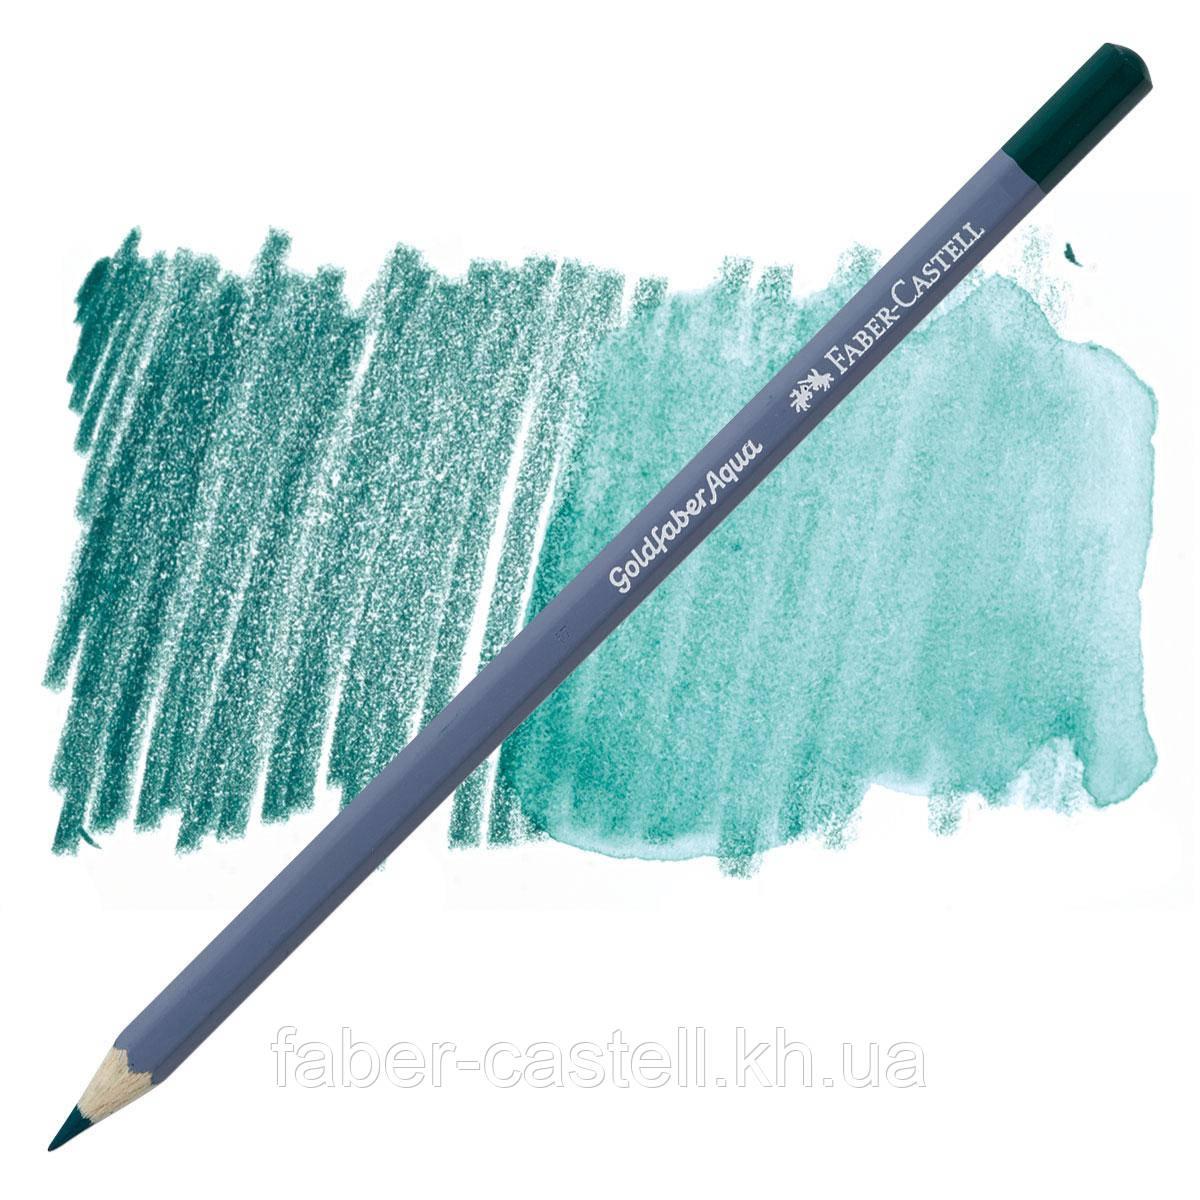 Карандаш акварельный Faber-Castell Goldfaber Aqua цвет темно-кобальтовая зелень №158, 114658